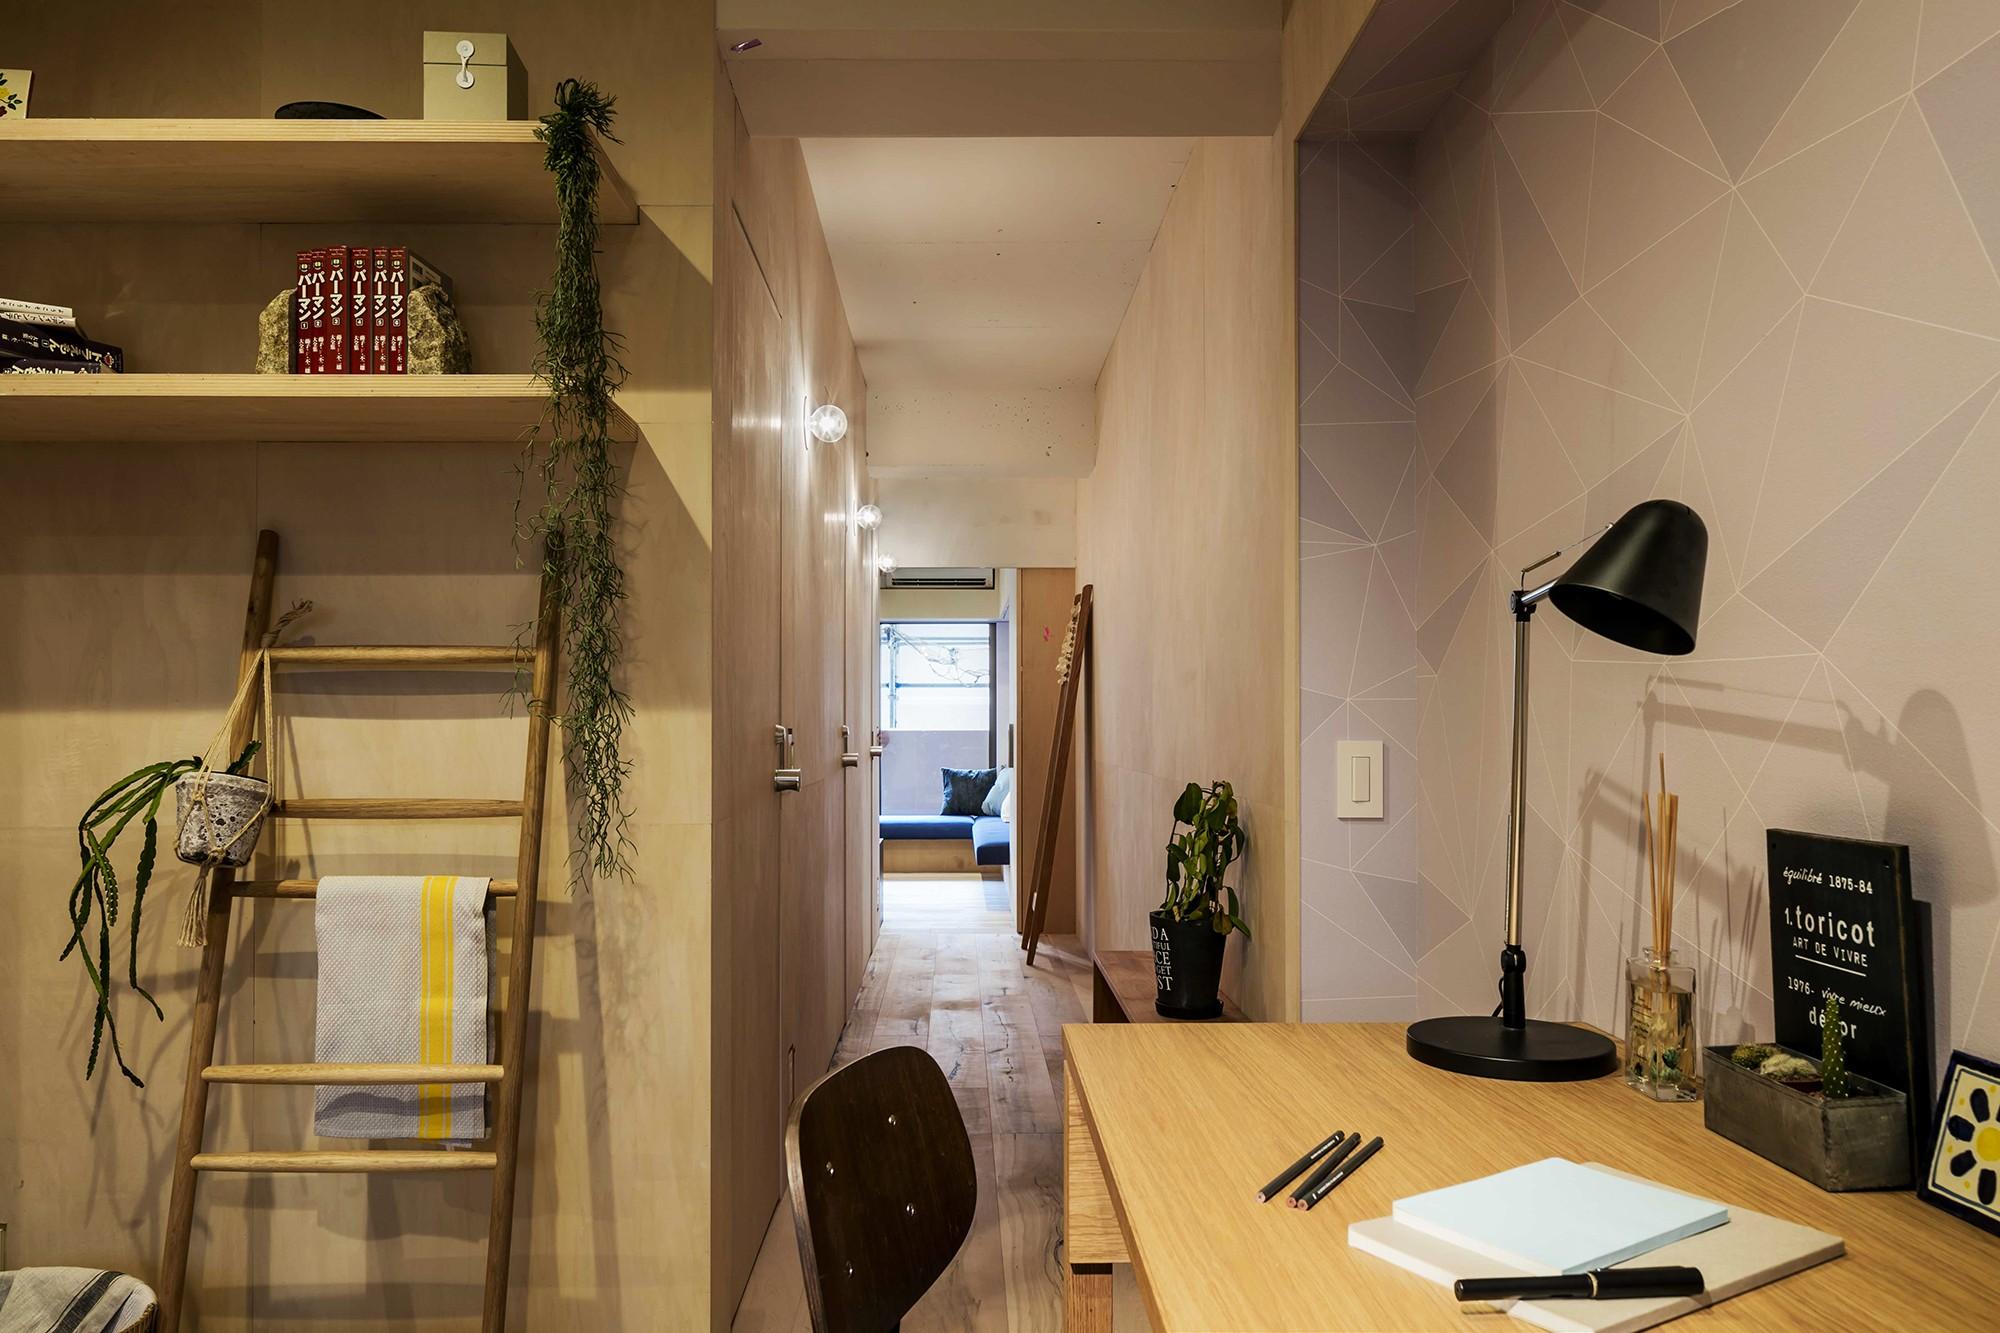 廊下部分 リノベーション住戸の木に馴染む壁紙 その他事例 Suvaco